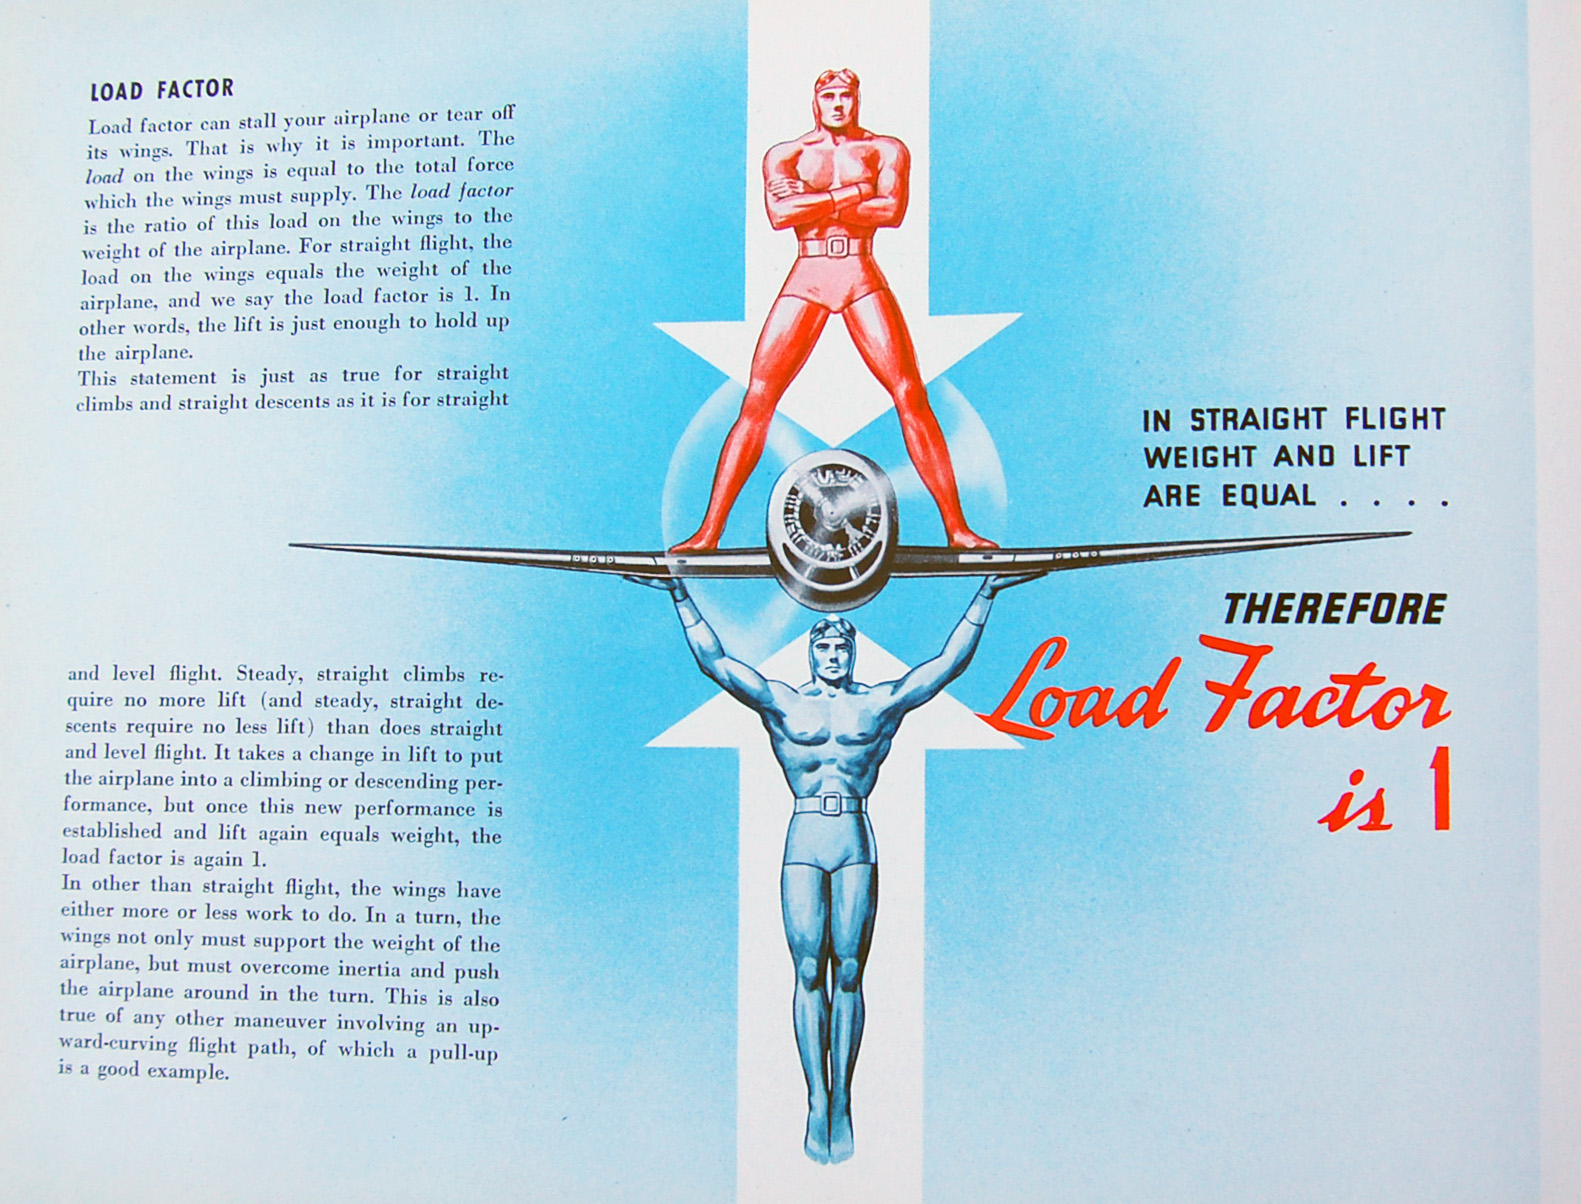 Flight Thru Instruments Manual Load Factor